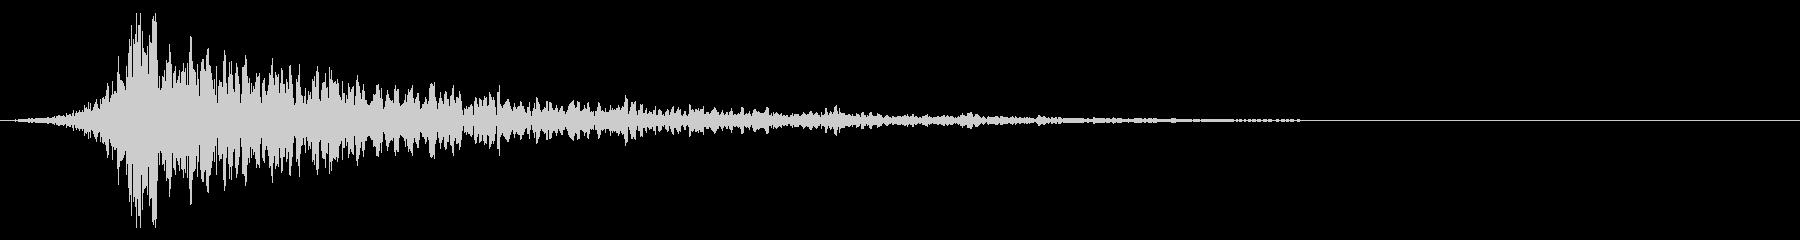 シュードーン-31-1(インパクト音)の未再生の波形